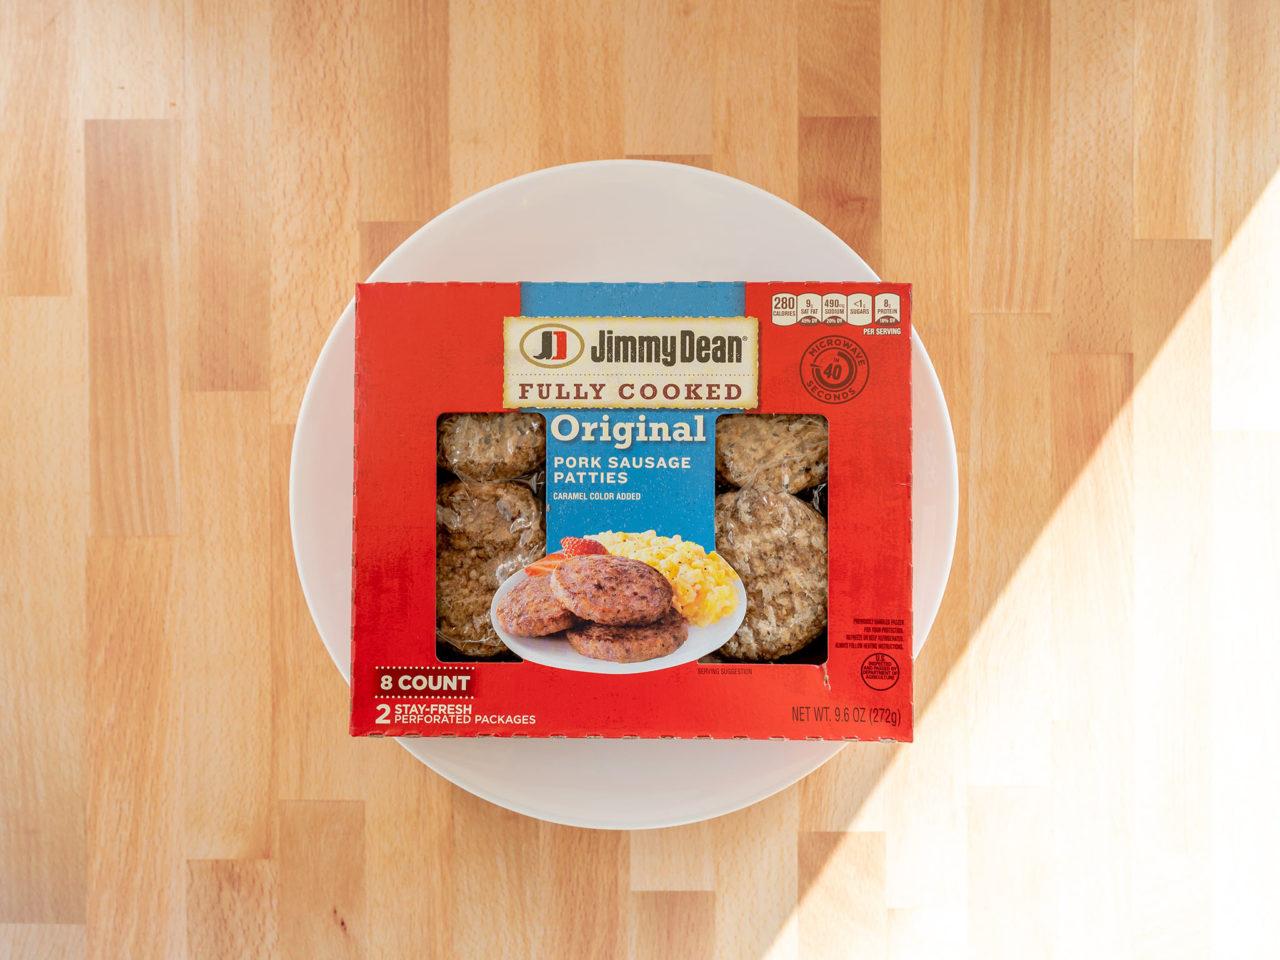 Jimmy Dean Original Pork Sausage Patties